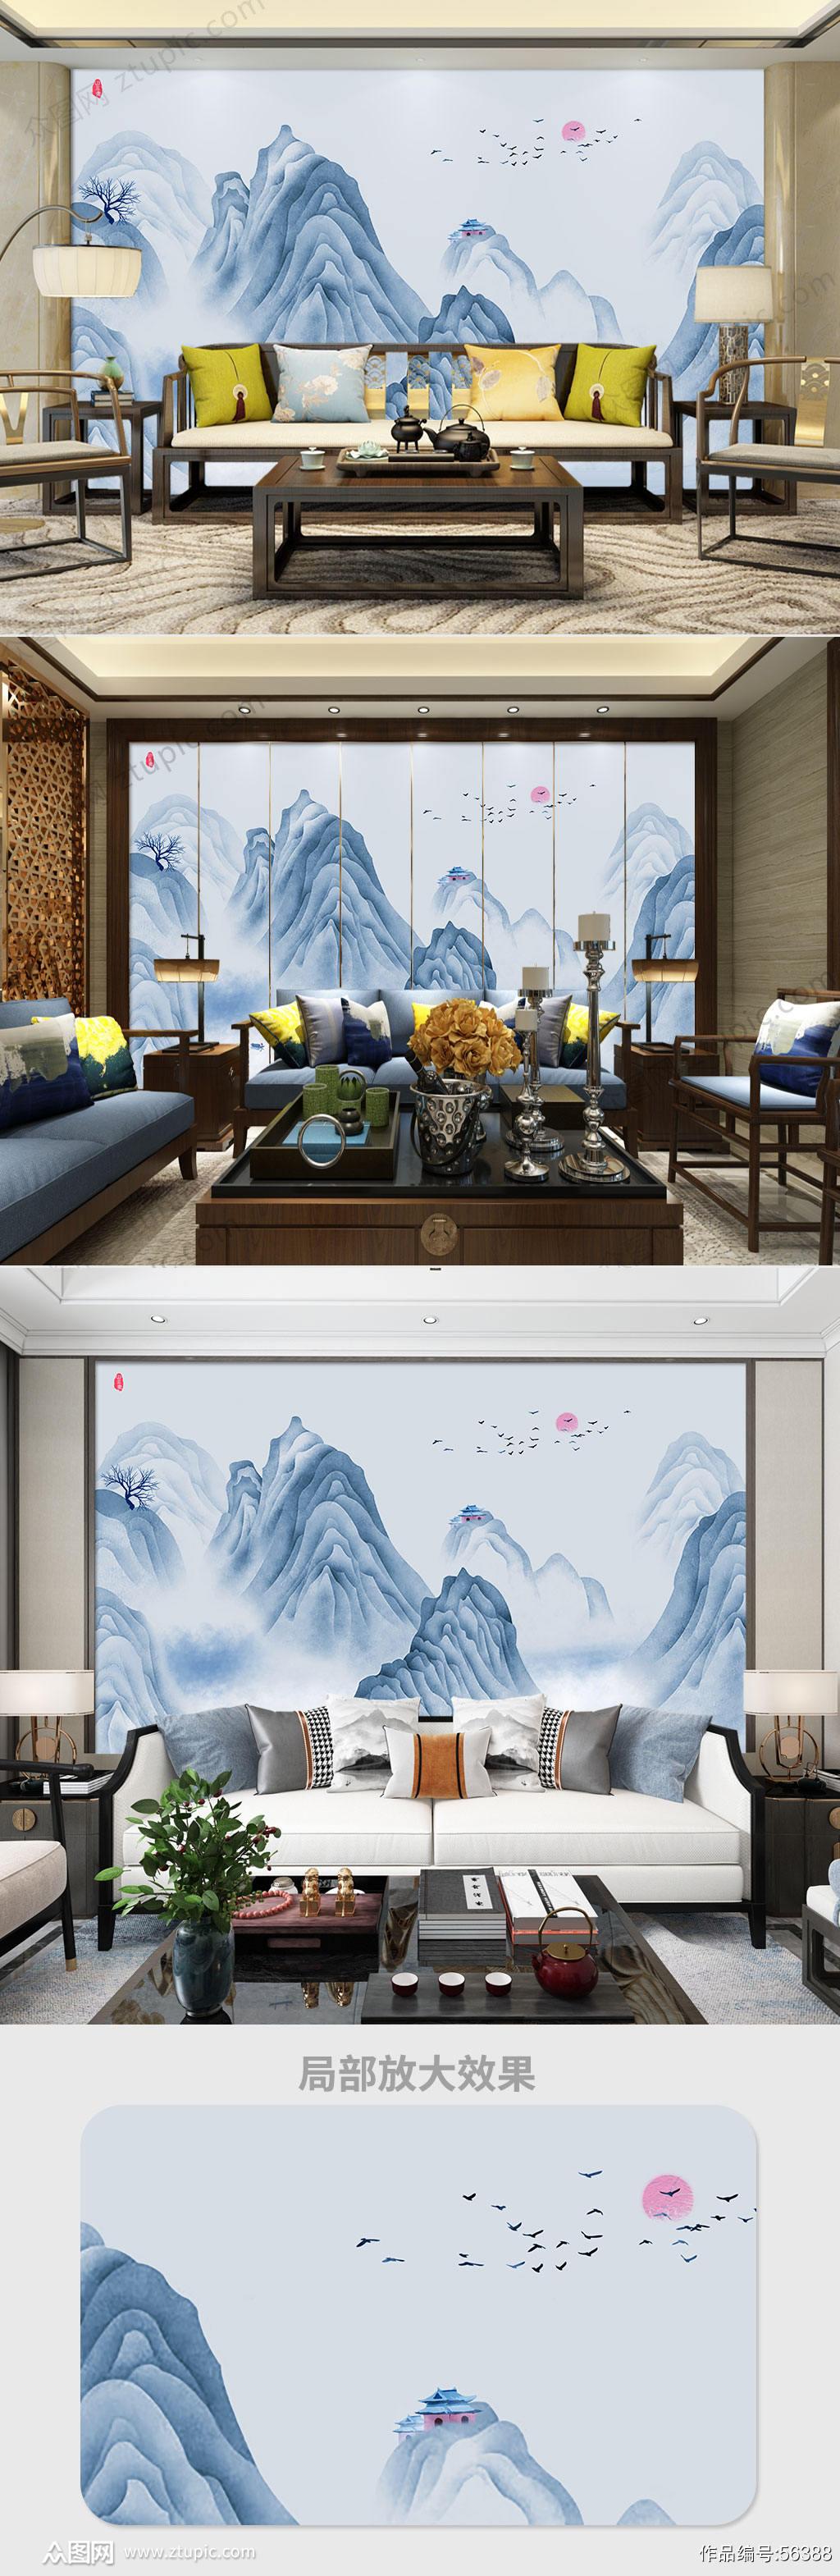 抽象手绘水墨山水背景墙素材